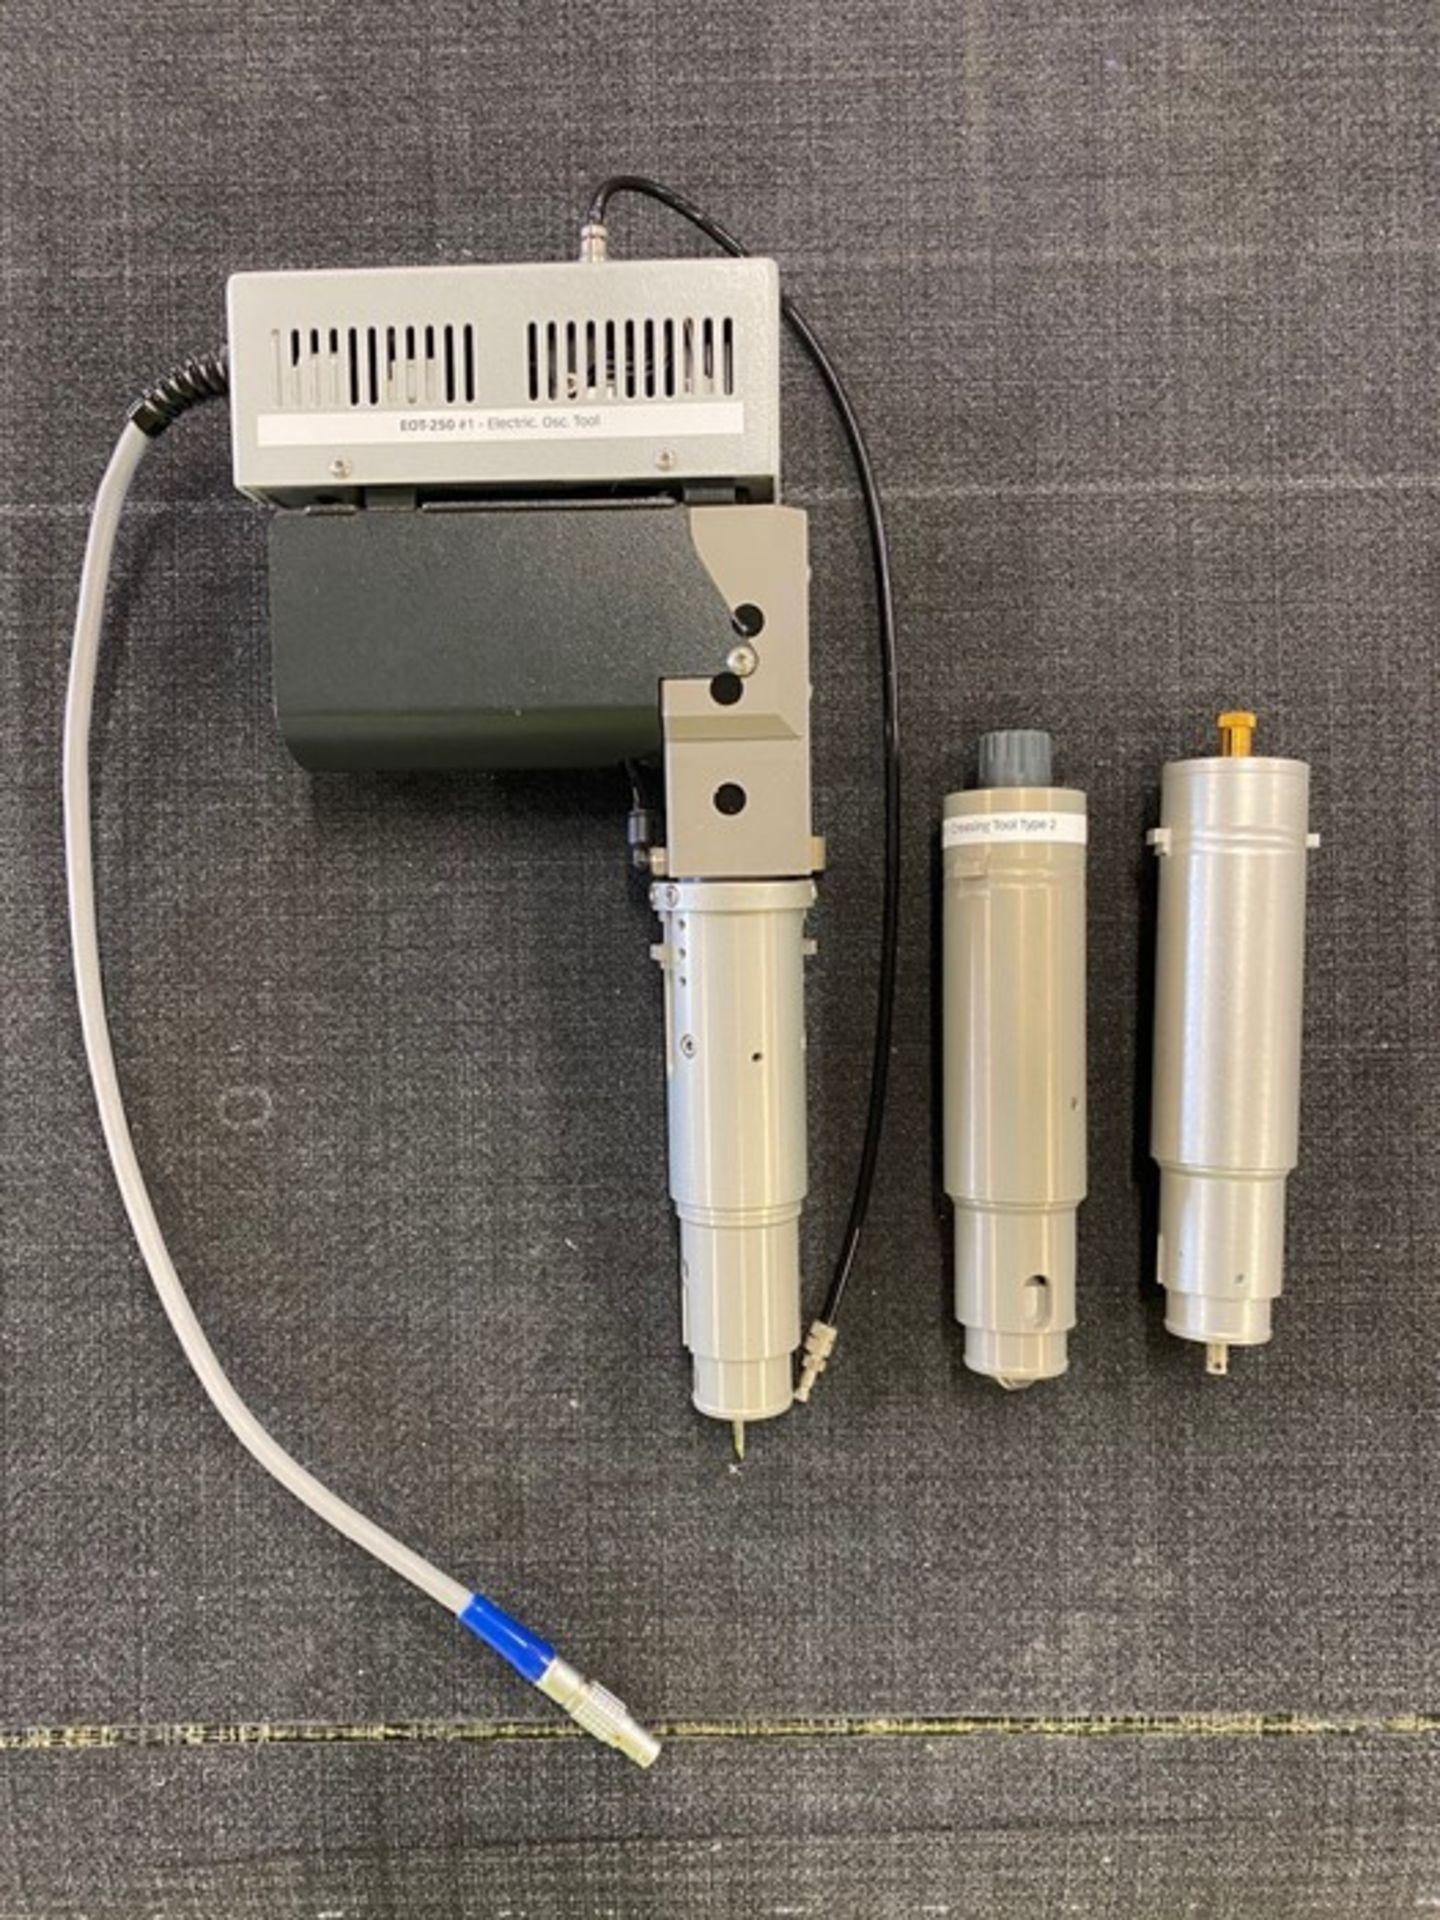 Zund G3 3XL-3200CV digital cutter (2014) - Image 30 of 37